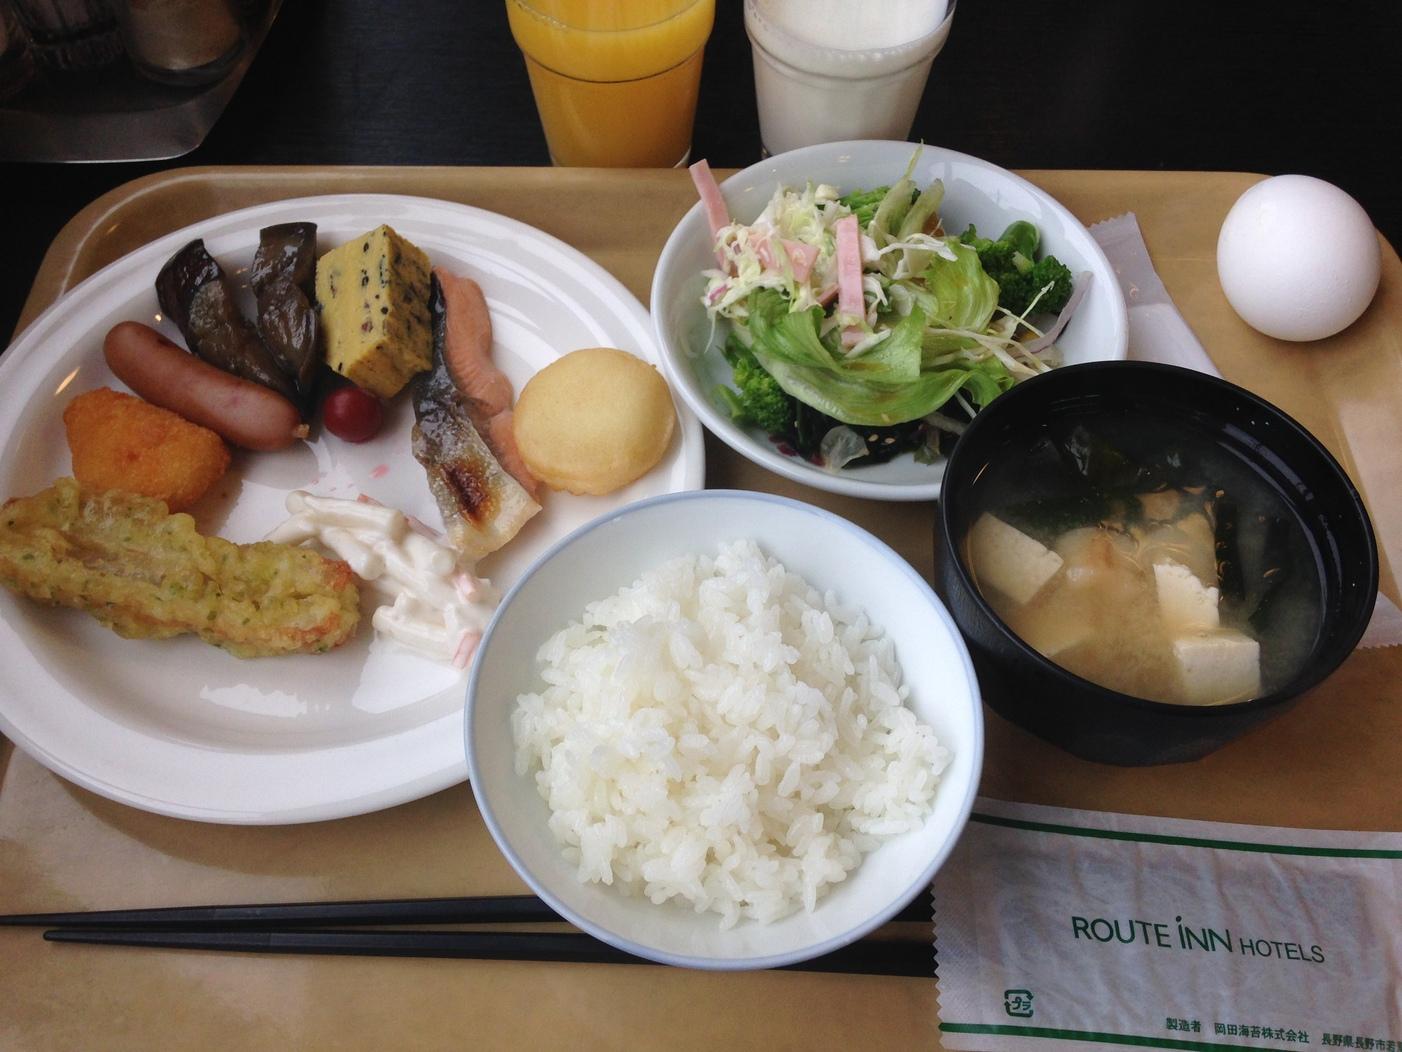 ホテルルートイン 高崎駅西口